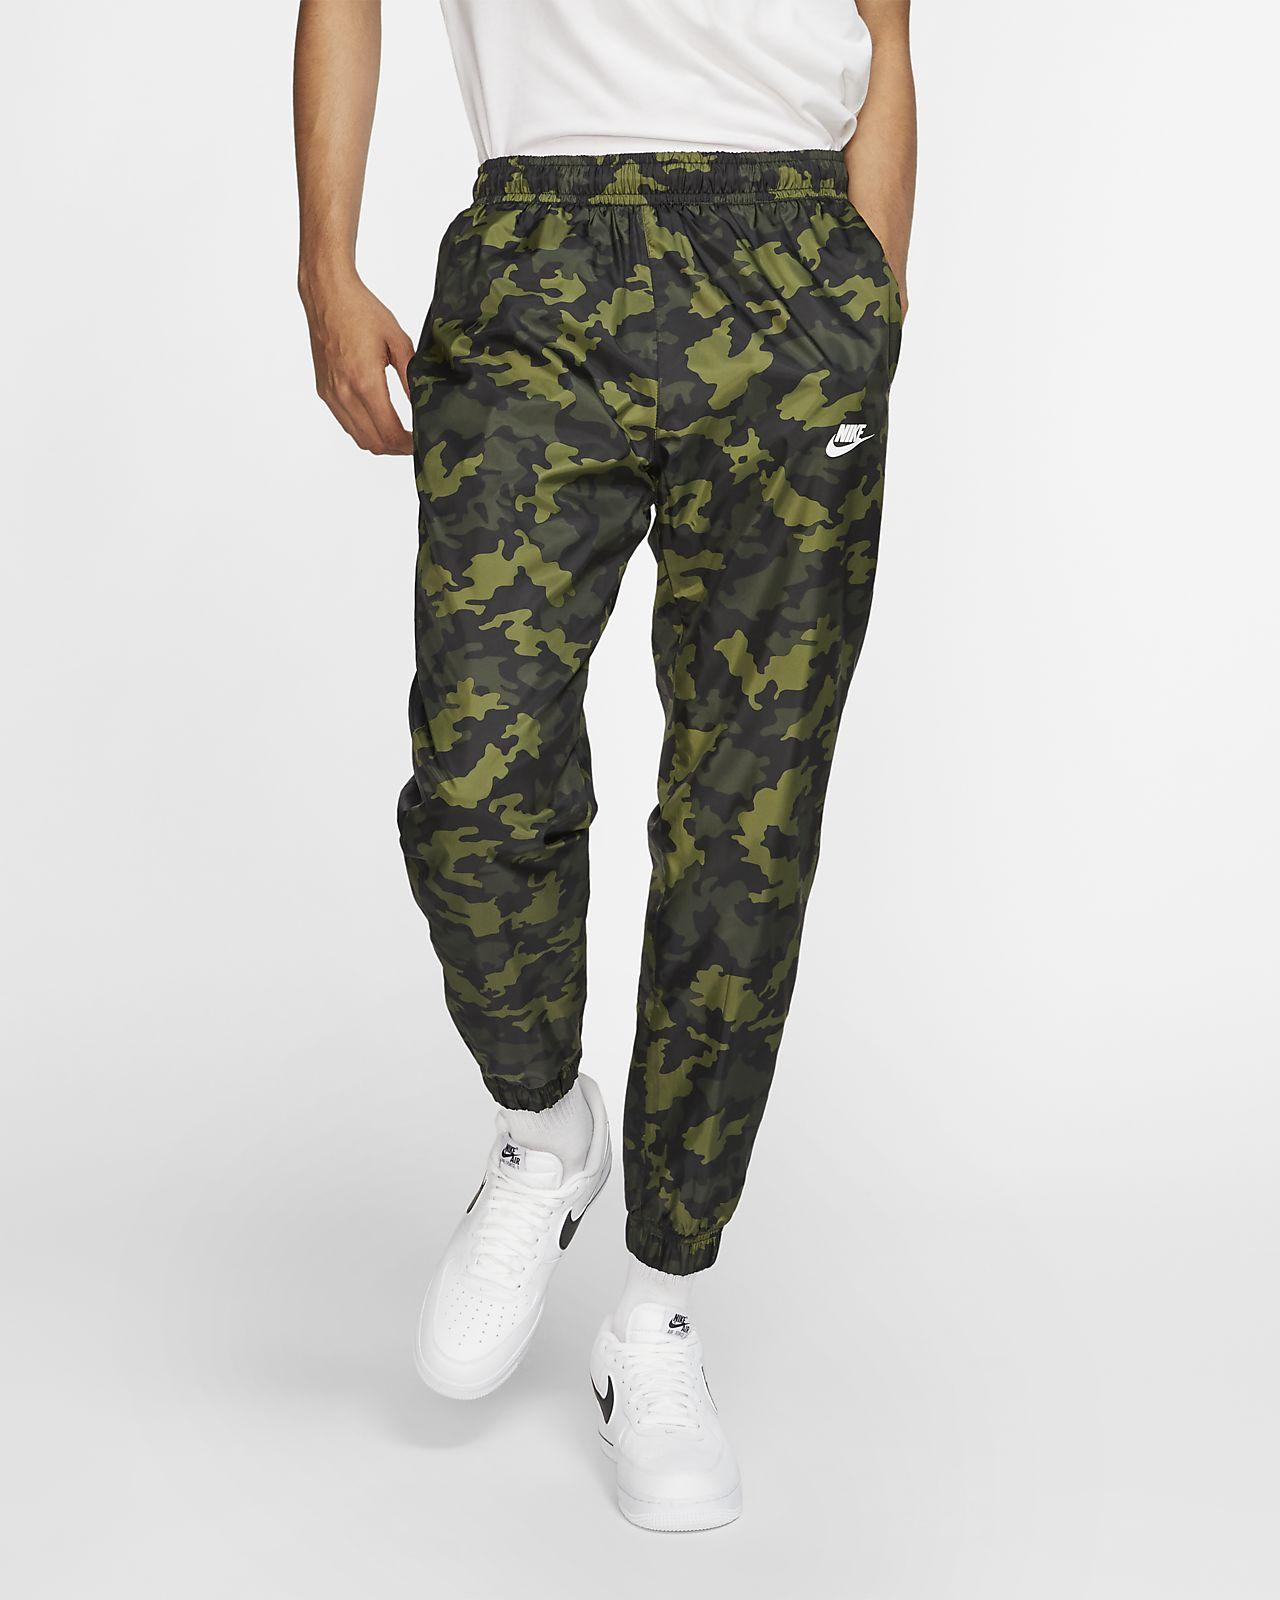 Nike Sportswear Men's Woven Camo Tracksuit Bottoms